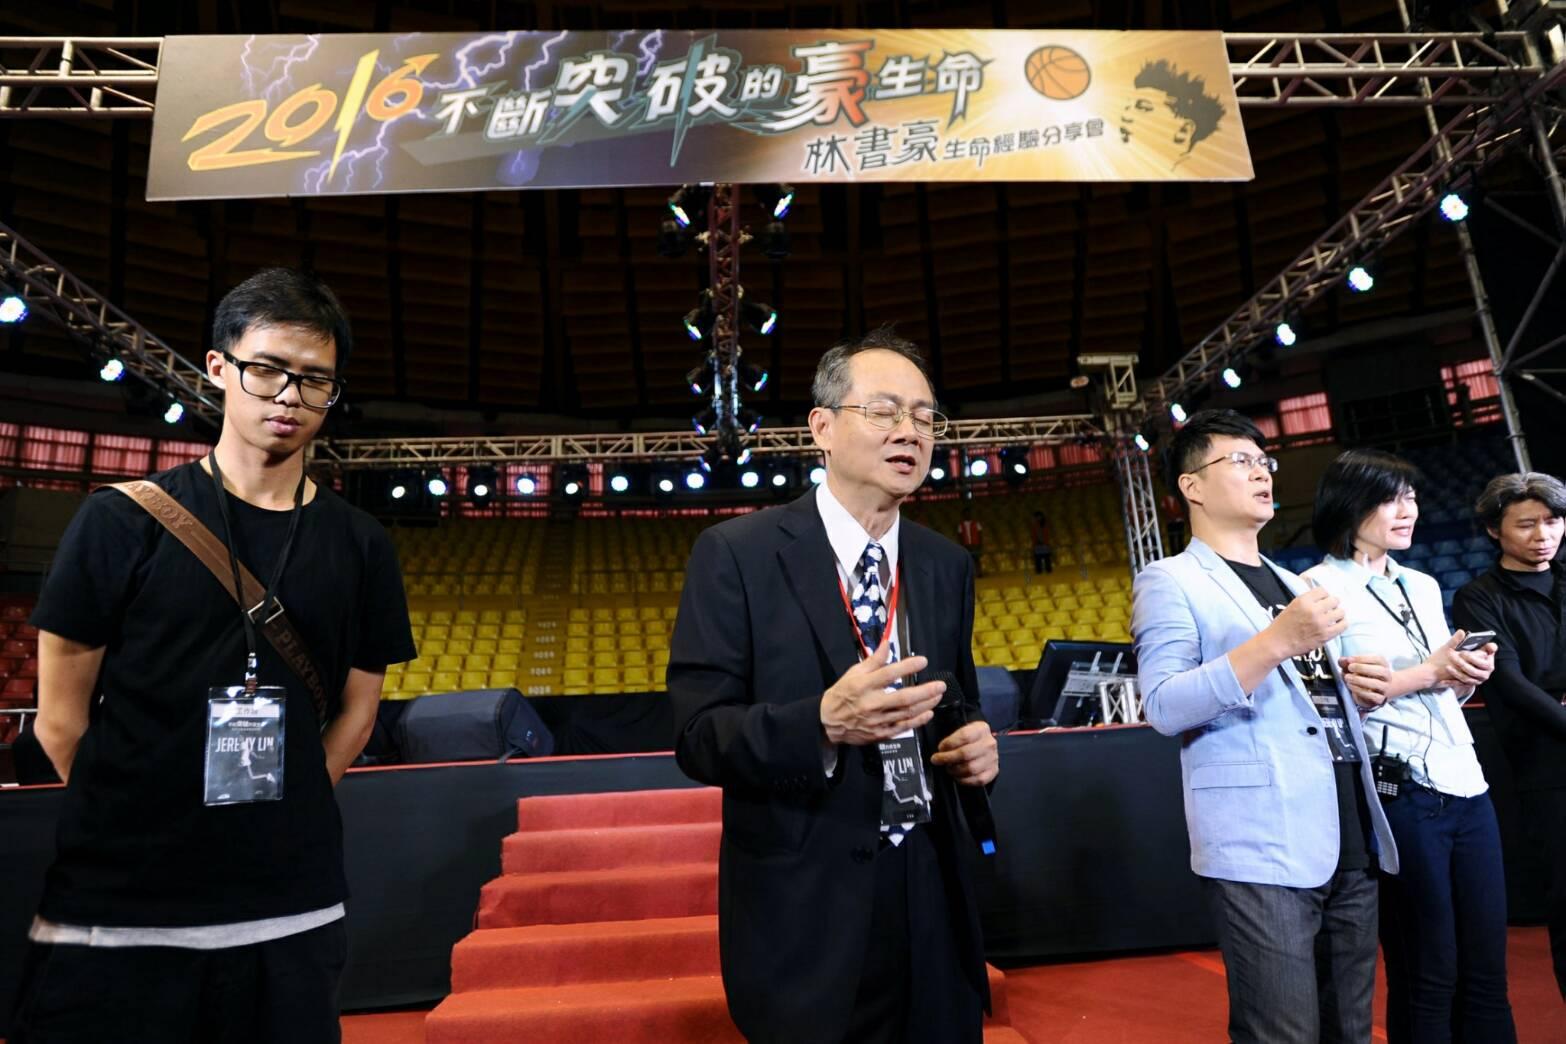 高雄分享會籌辦主席團代表劉進展